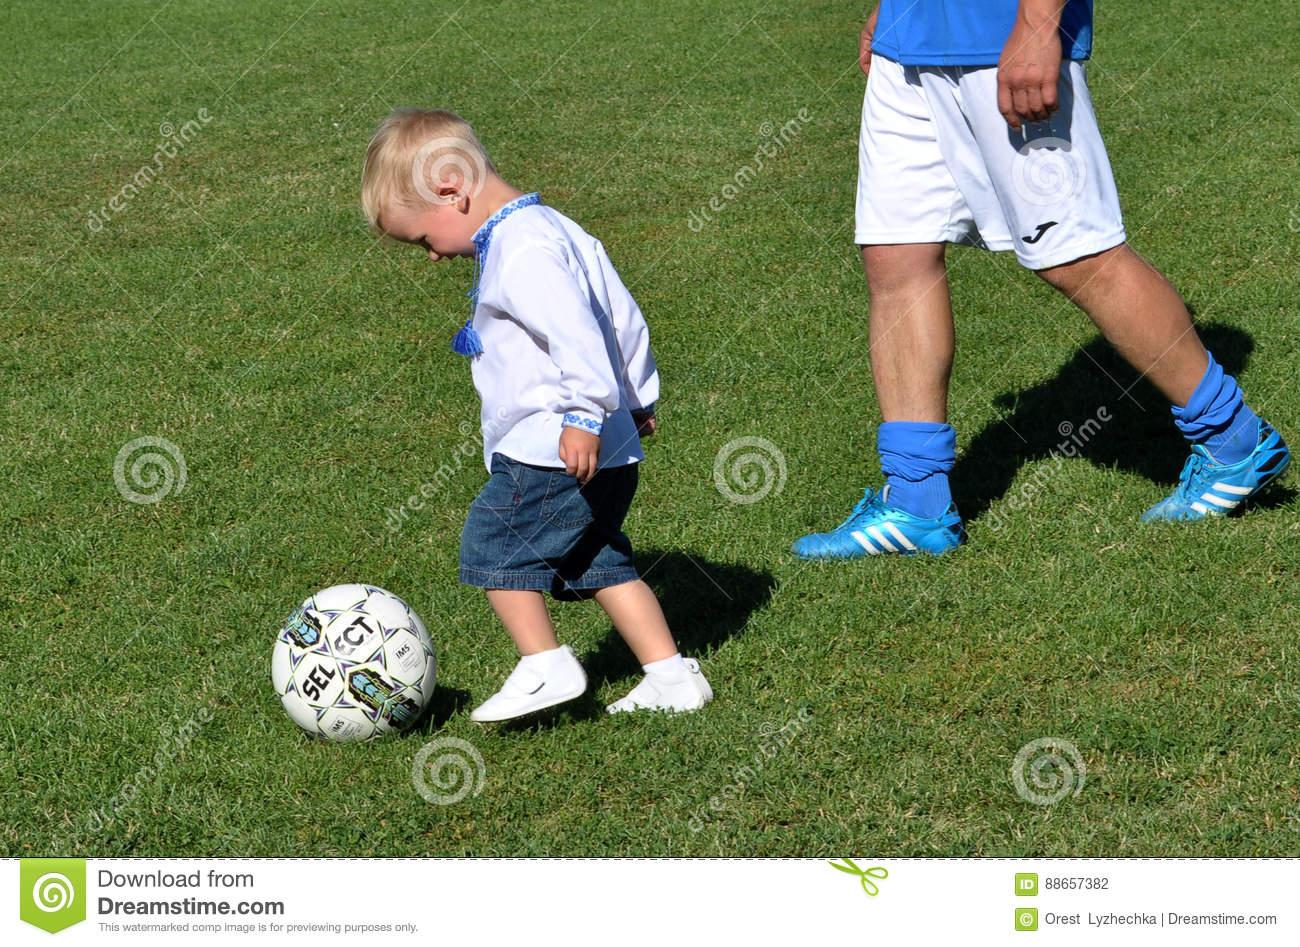 Jeux De Petit Garçon Avec Du Ballon De Football Photographie intérieur Jeux Des Petit Garçon